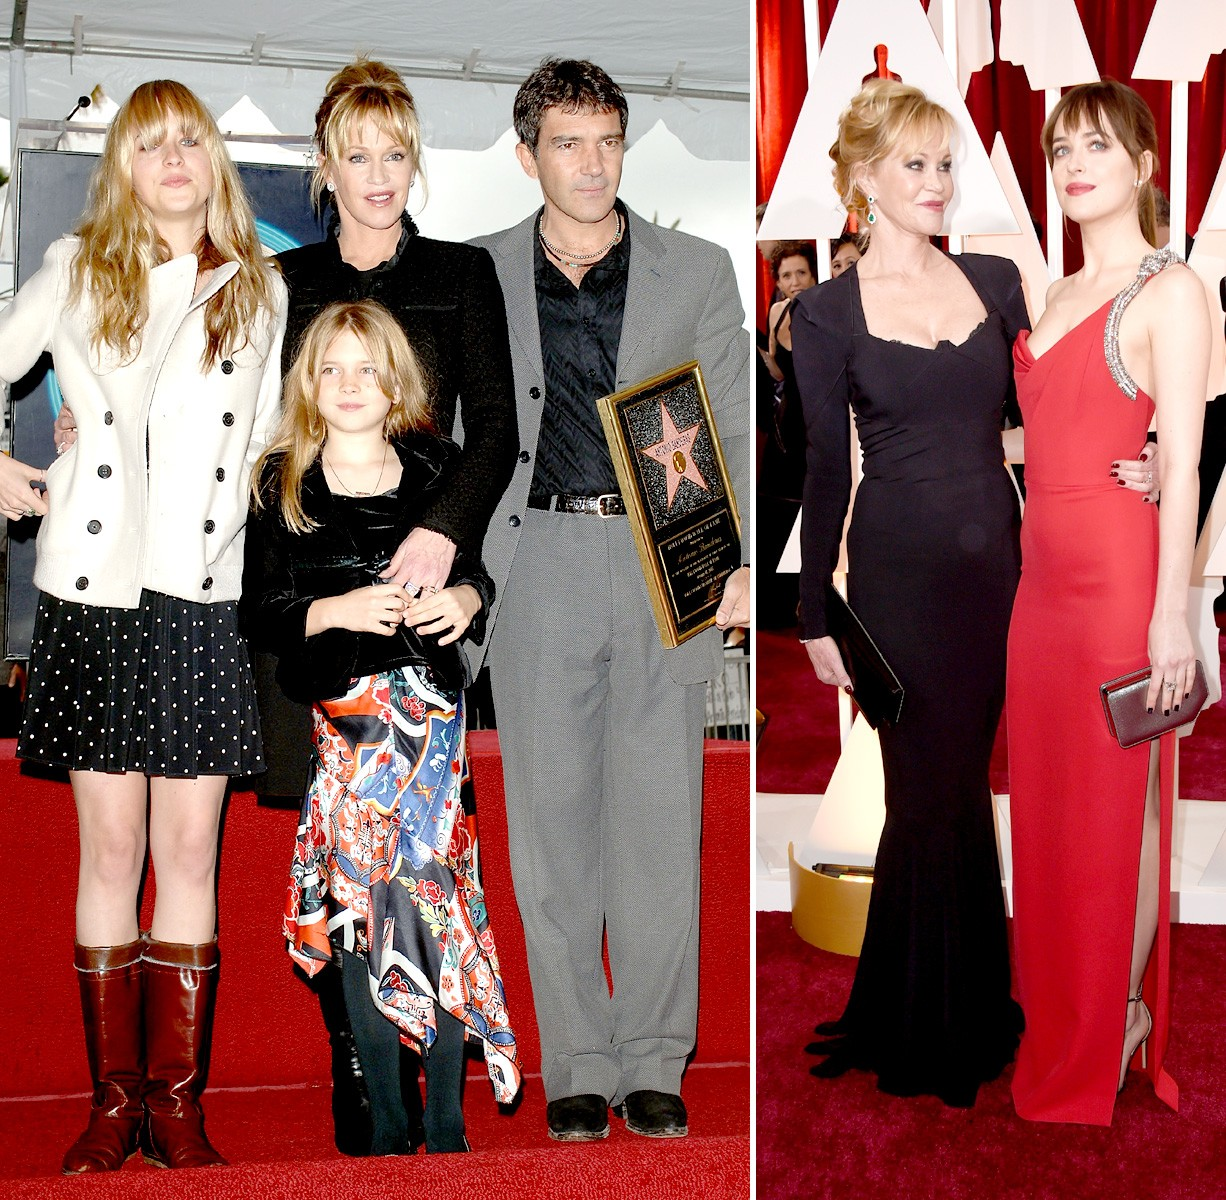 Em família: com os pais famosos no começo da carreira e com a mãe no tapete vermelho do Oscar (Foto: Getty Images)